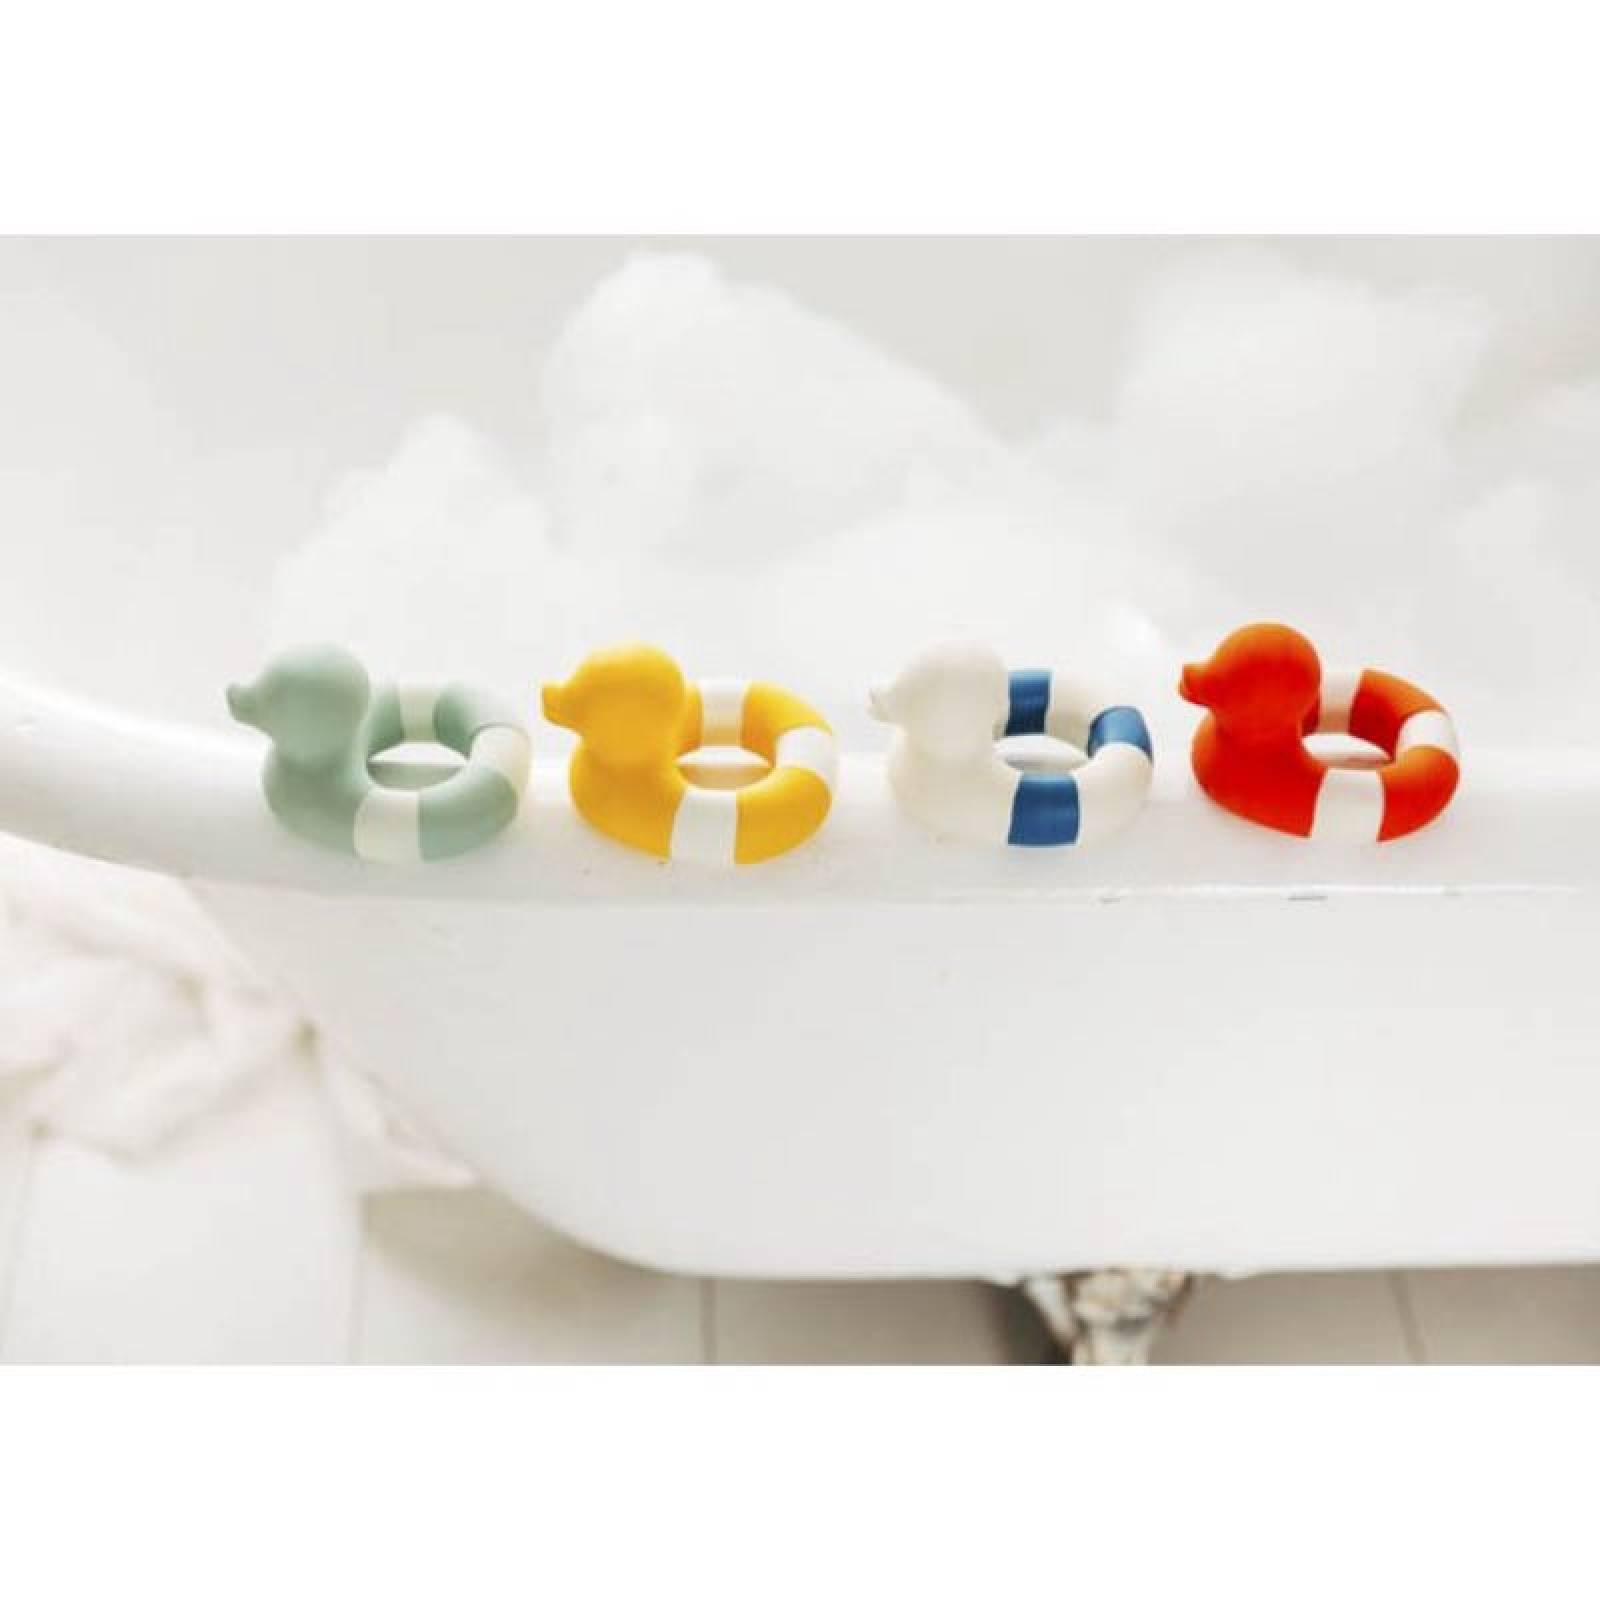 Flo The Floatie Duck Bath Toy In Mint 0+